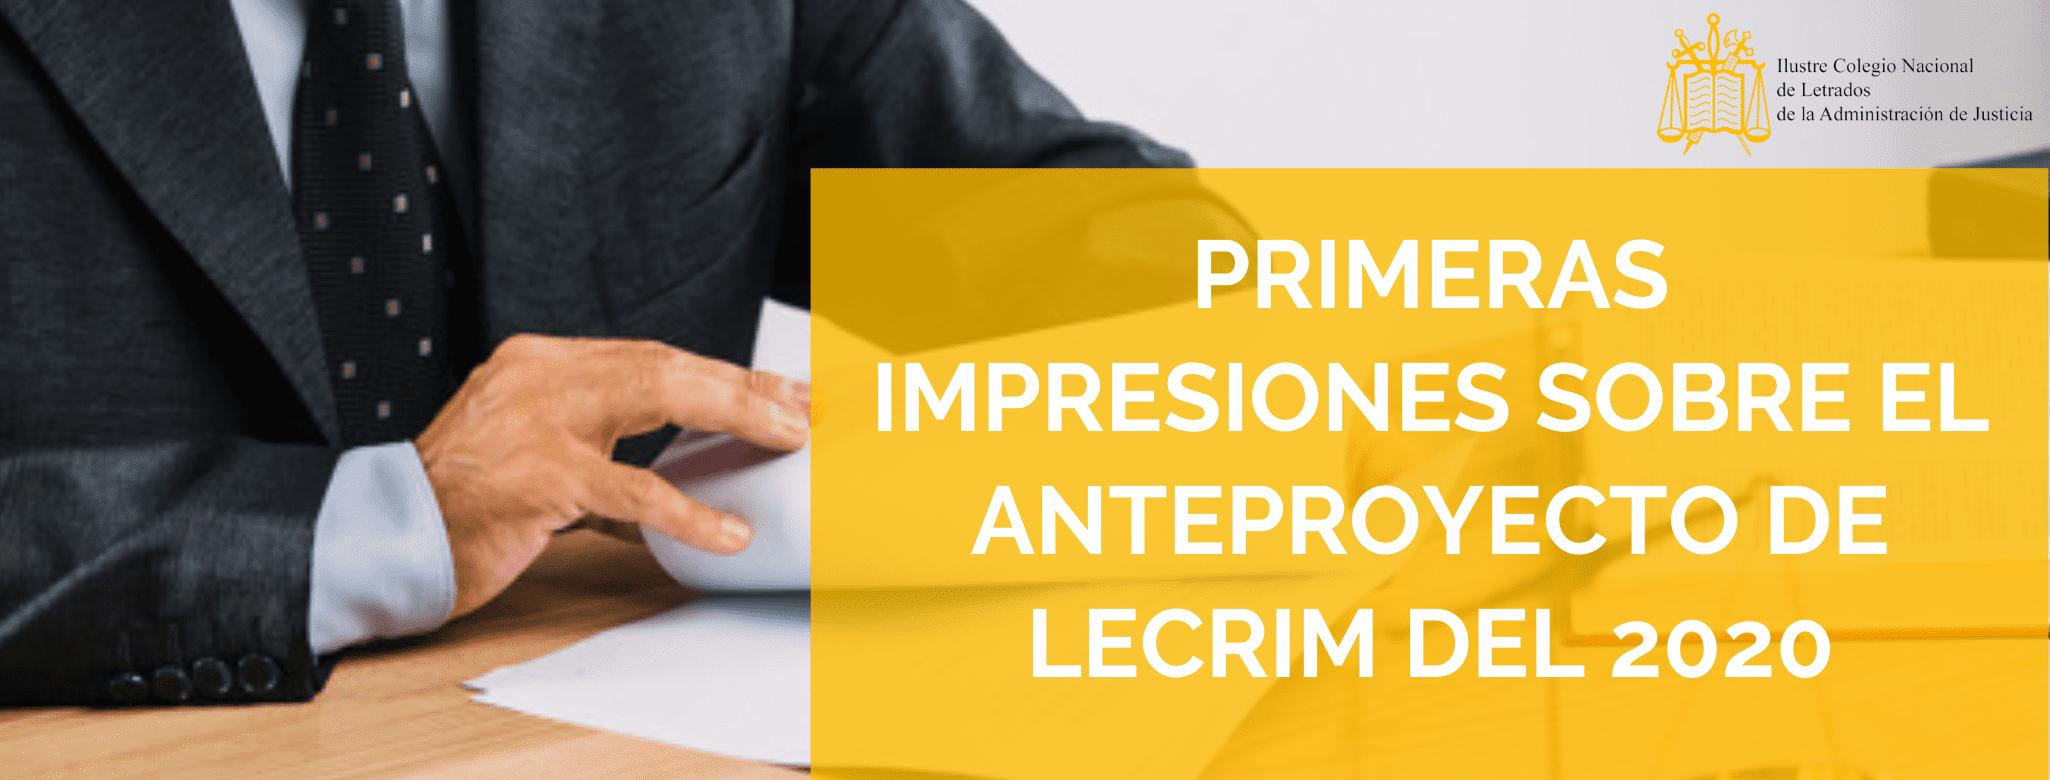 Primeras impresiones sobre el Anteproyecto de LECRIM del 2020